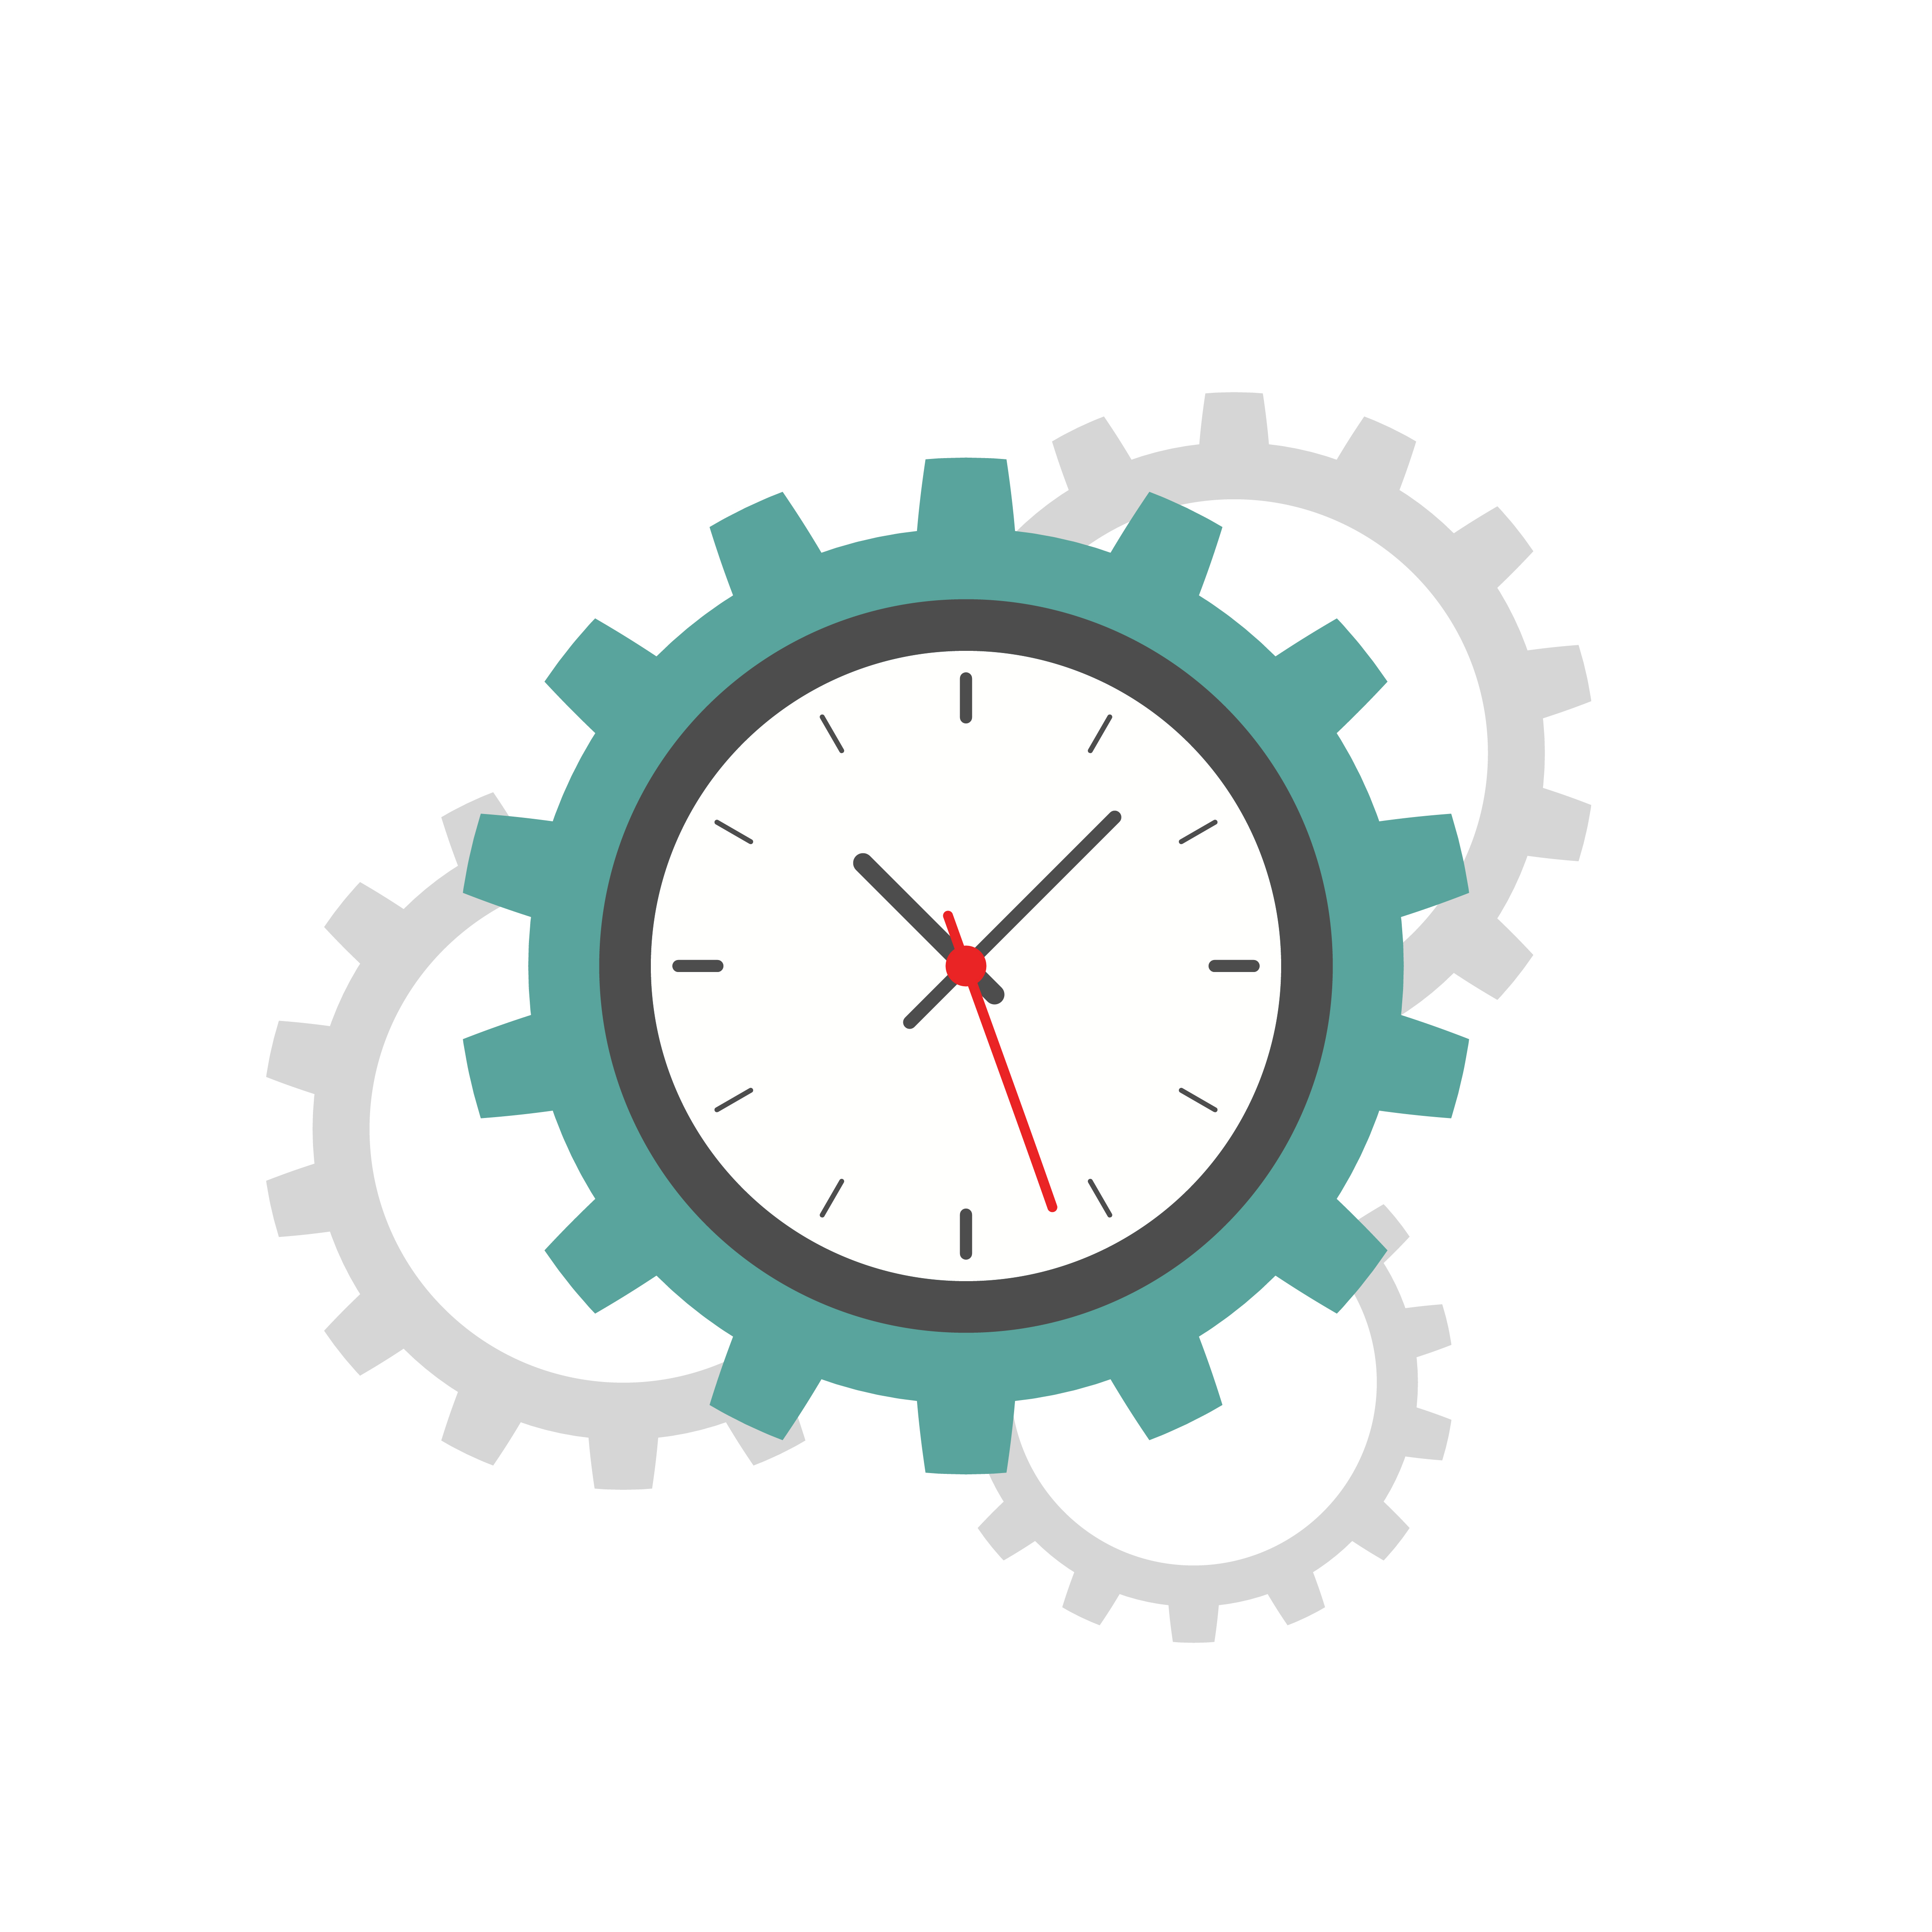 ENREGISTREMENT DE WEBINAIRE – L'utilisation efficace du temps supplémentaire en situation d'évaluation